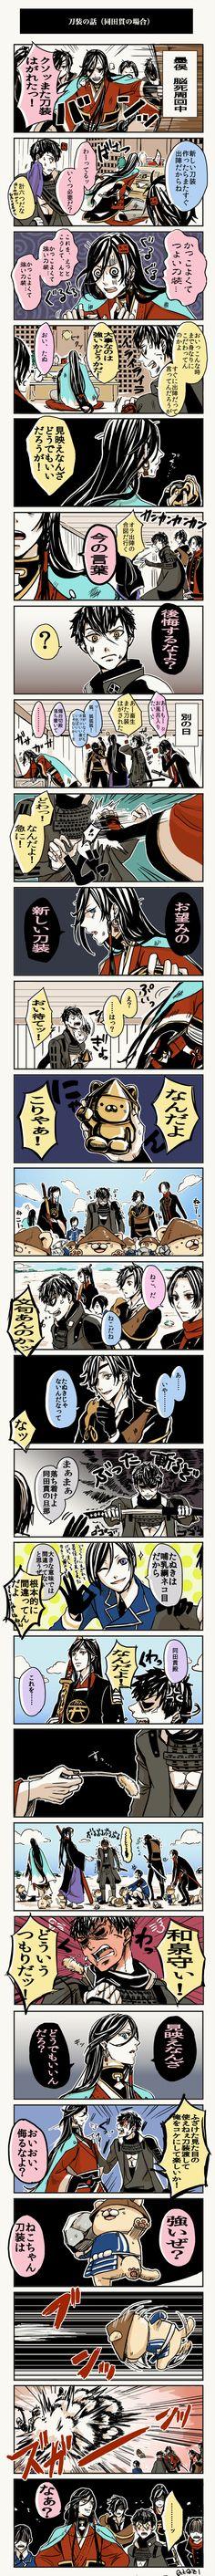 「刀剣乱舞log3」/「QZ」の漫画 [pixiv]